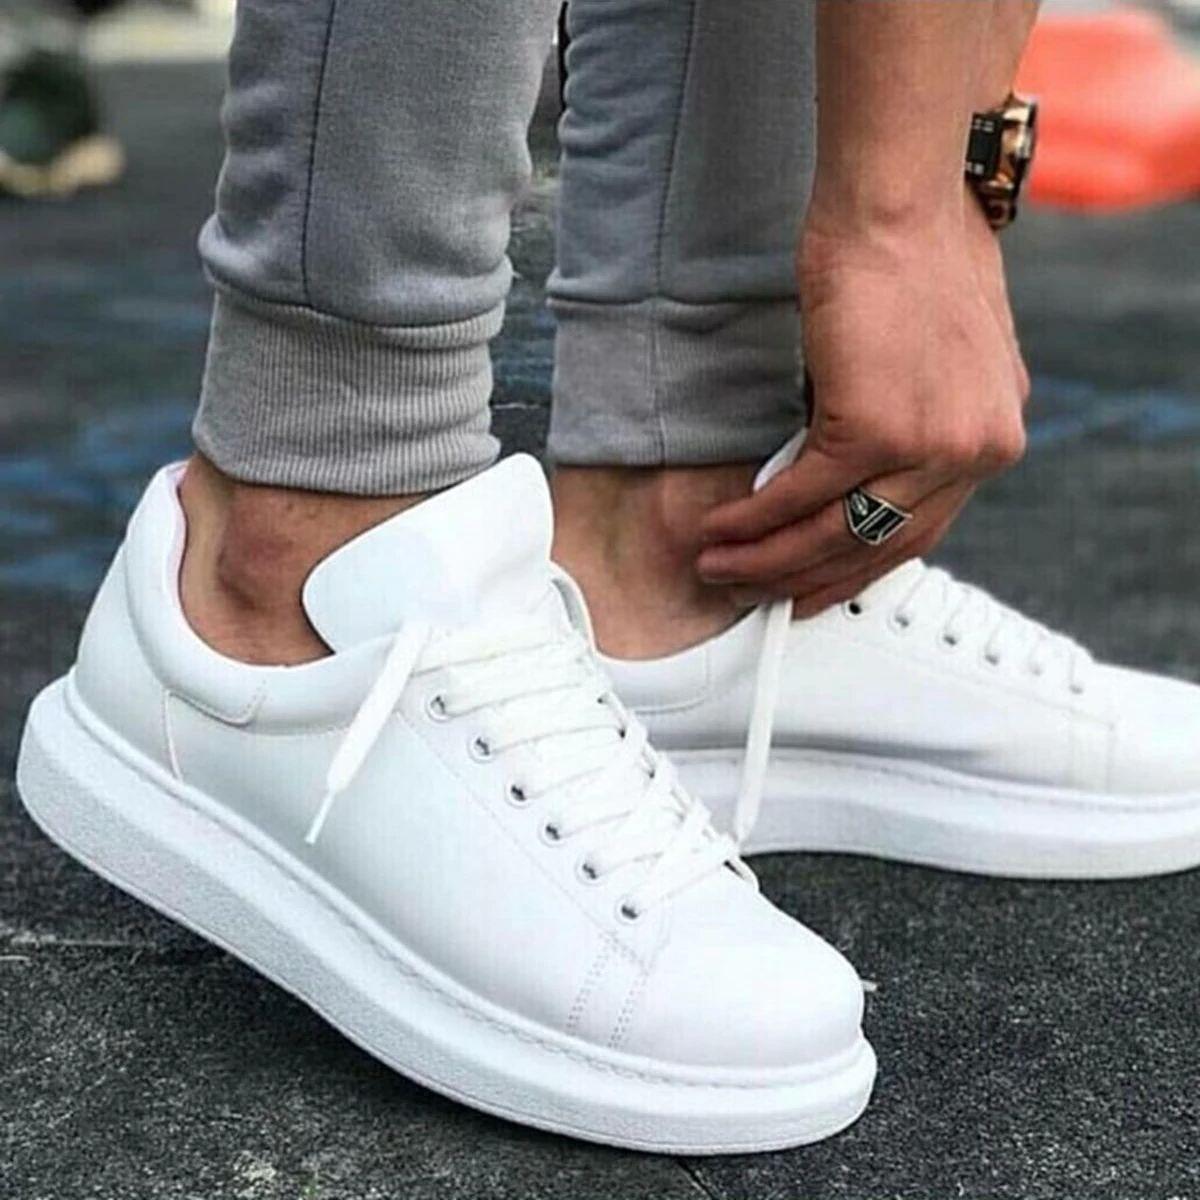 حذاء رياضي من الجلد للرجال بنعل عالٍ ، حذاء رياضي أبيض بنعل عالٍ ، 100 فيجن ، موضة جديدة ، جودة عالية